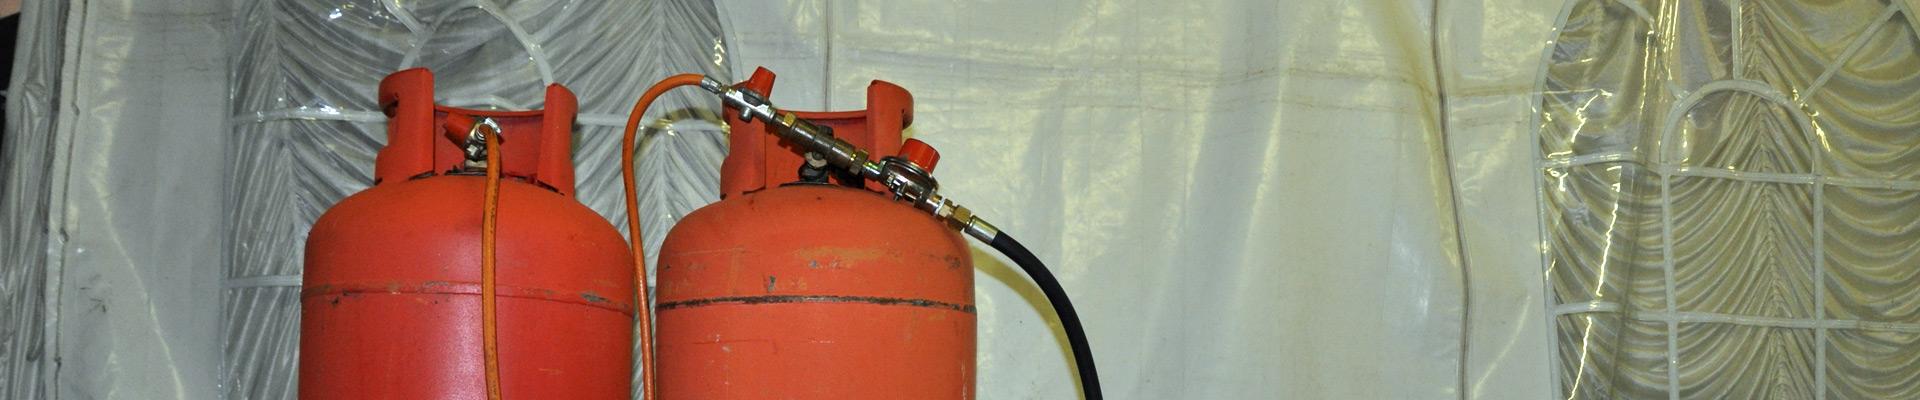 & Heater u0026 Gas bottle | somel